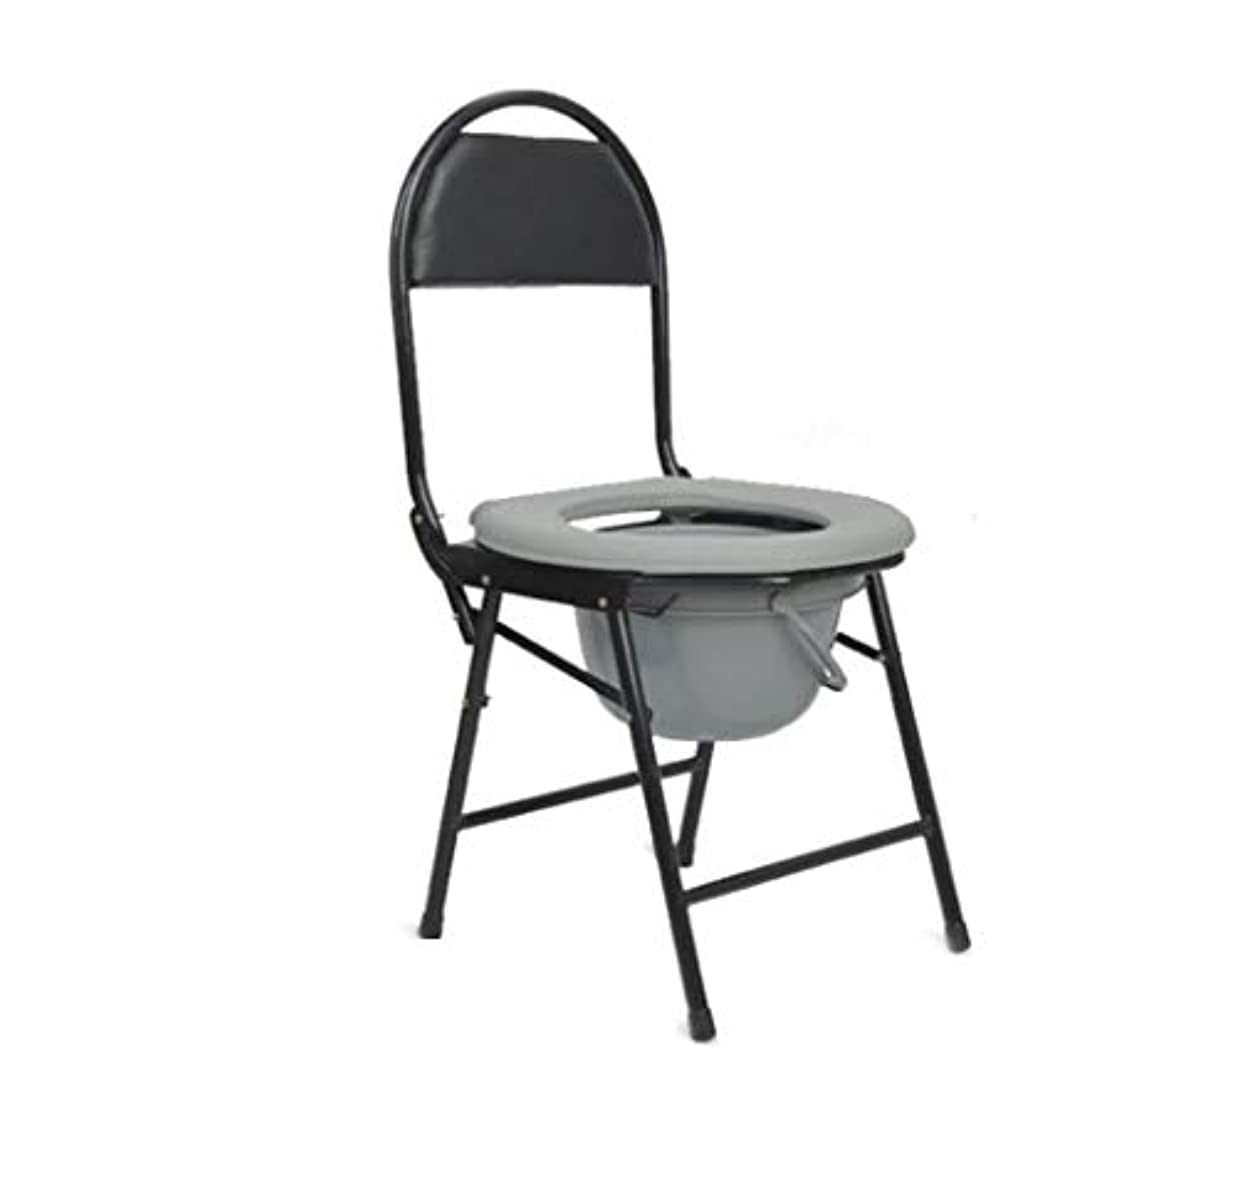 意気込みモーション帽子折りたたみ式mode椅子とトイレサラウンド、軽量、丈夫、シンプル、高齢者高齢者向けのバスルームサポート、無効